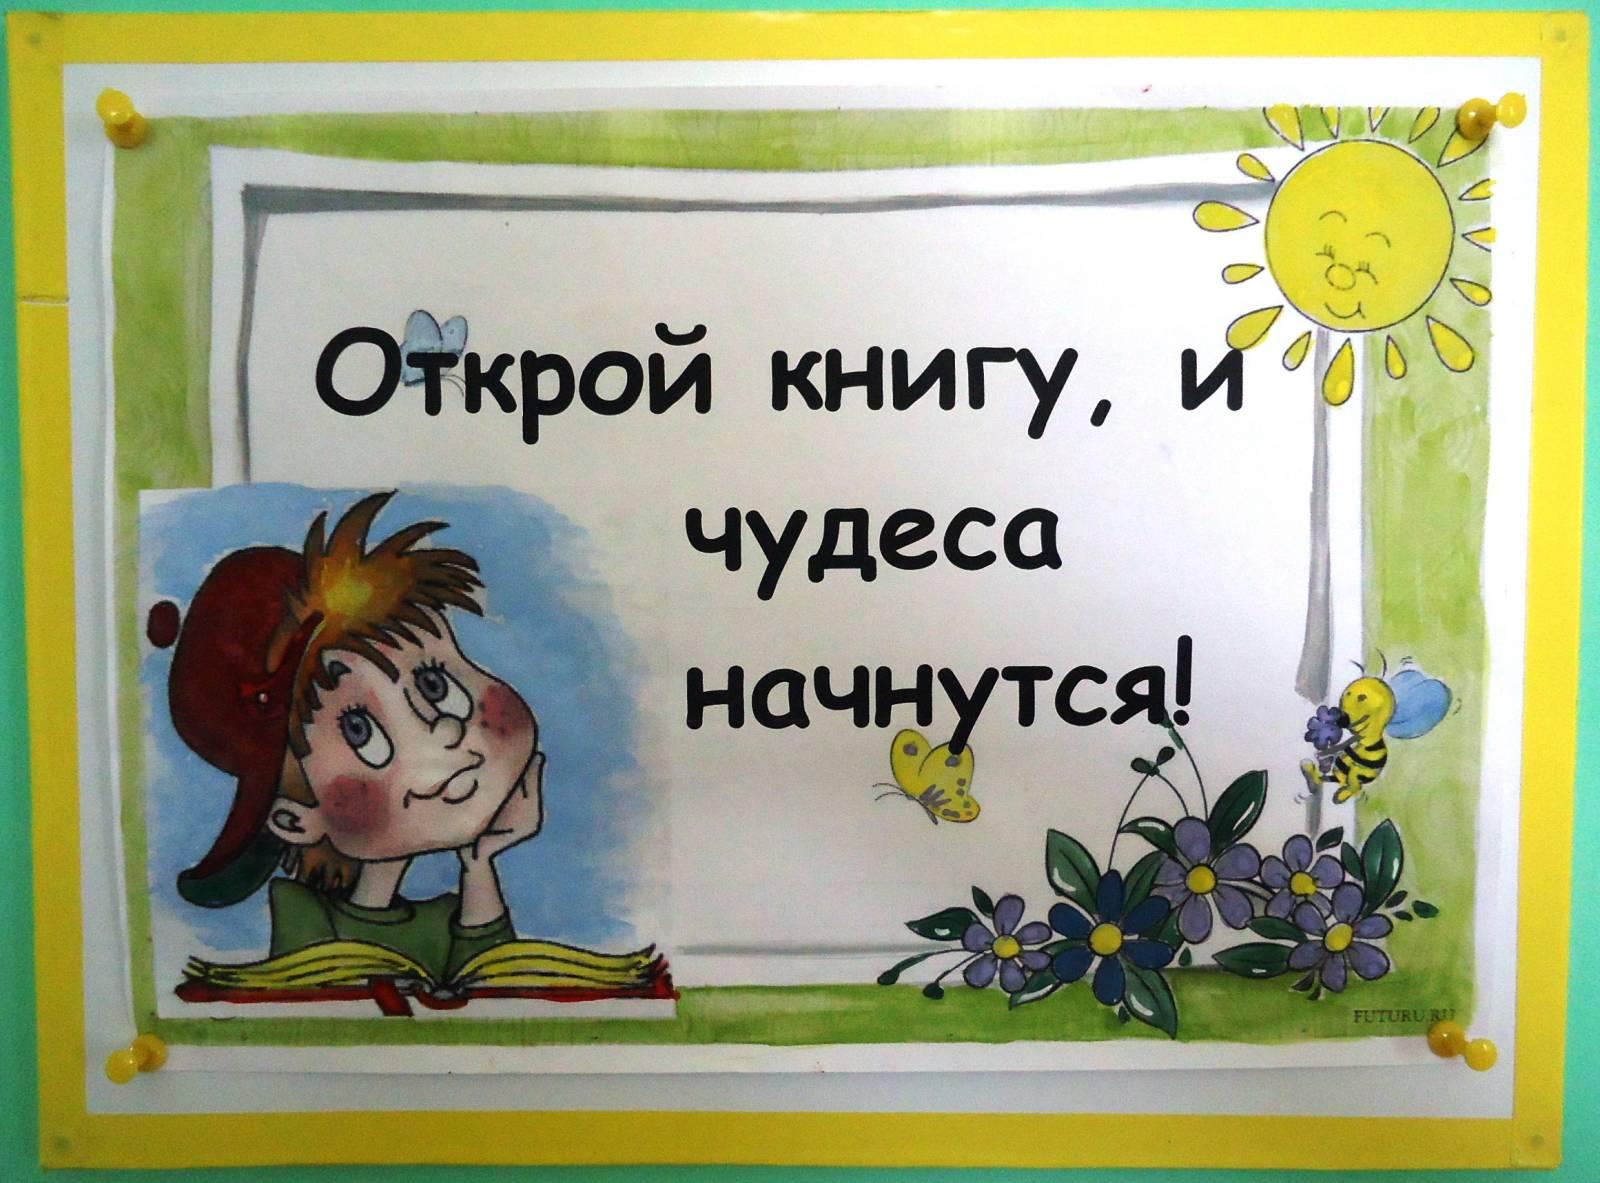 Праздник «Открой книгу – чудеса начнутся».